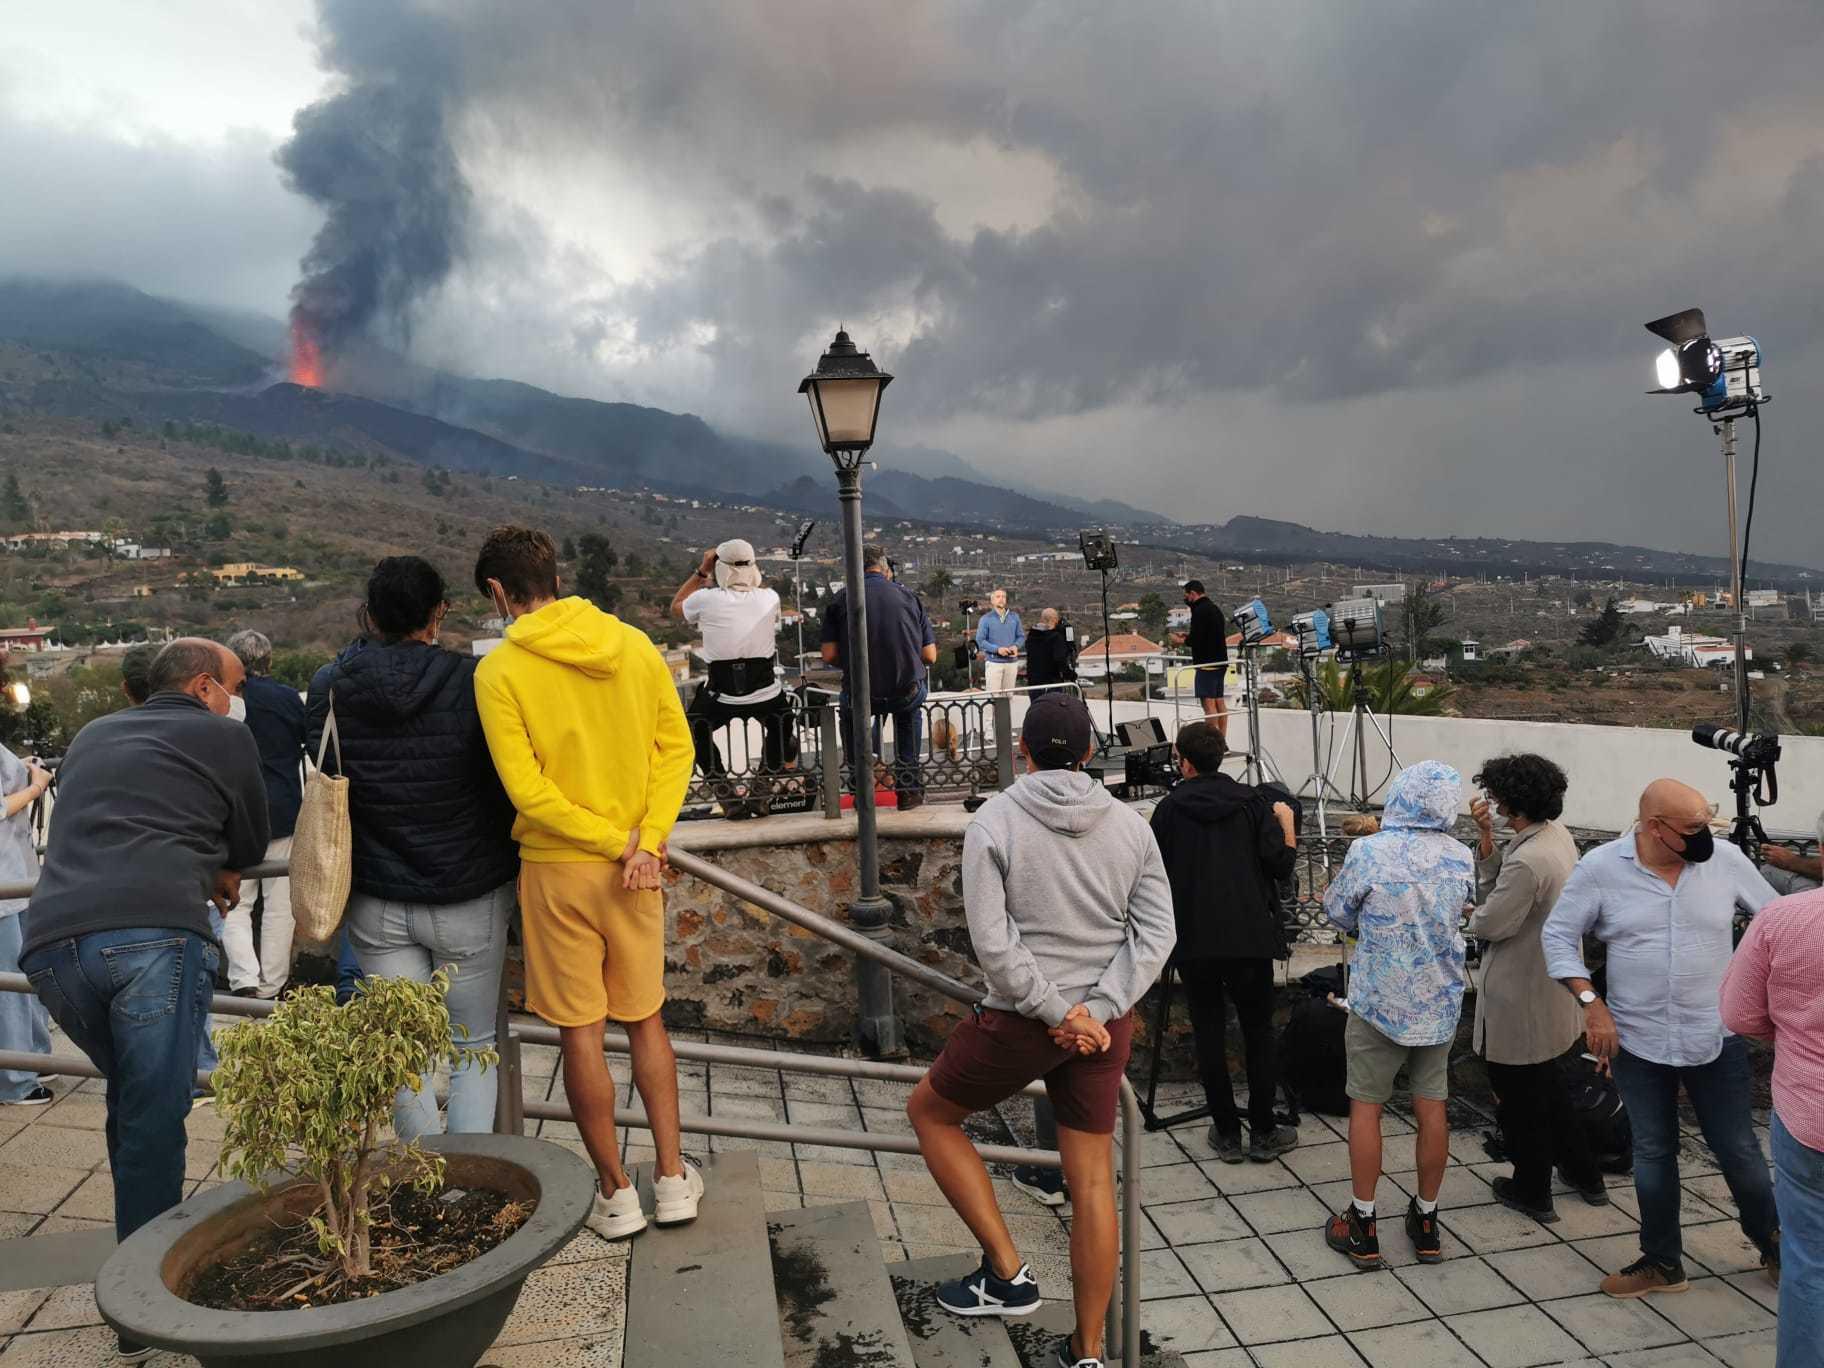 Volcán en La Palma, la erupción en directo | El volcán entra en fase  explosiva | Ciencia